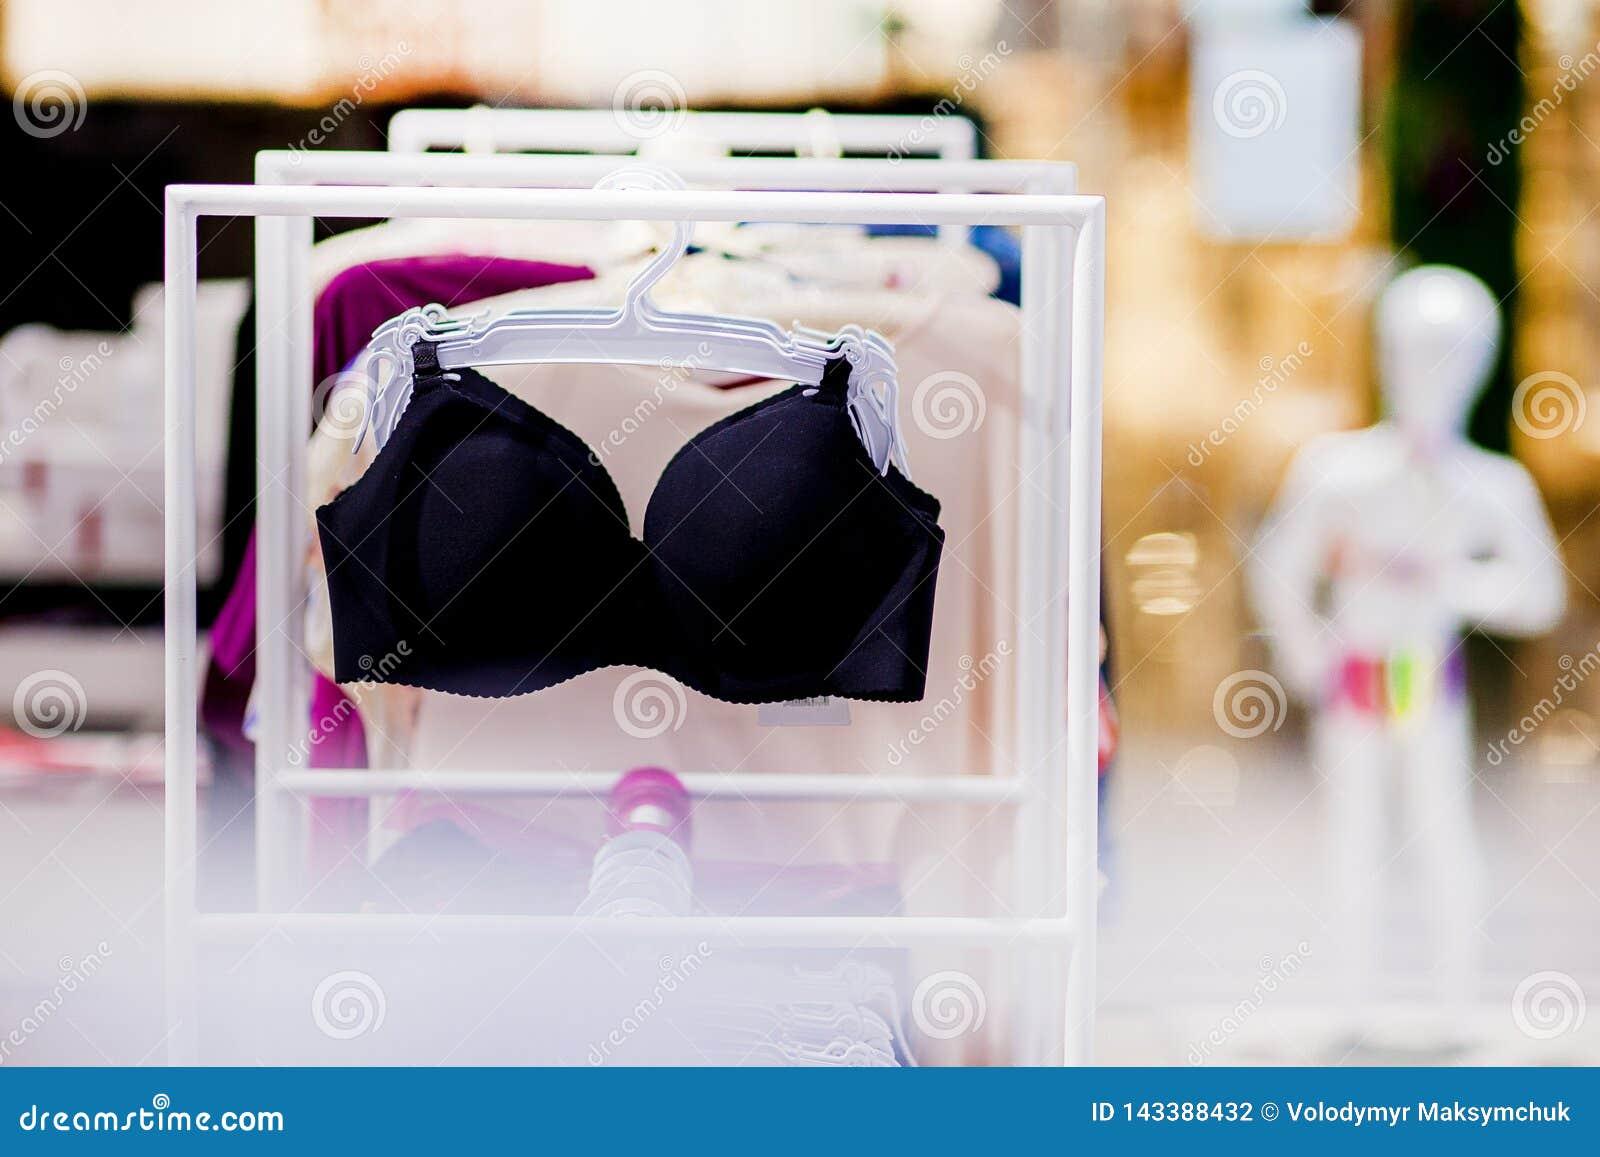 Магазин нижнего женского белья е идеи для названия магазина женского белья